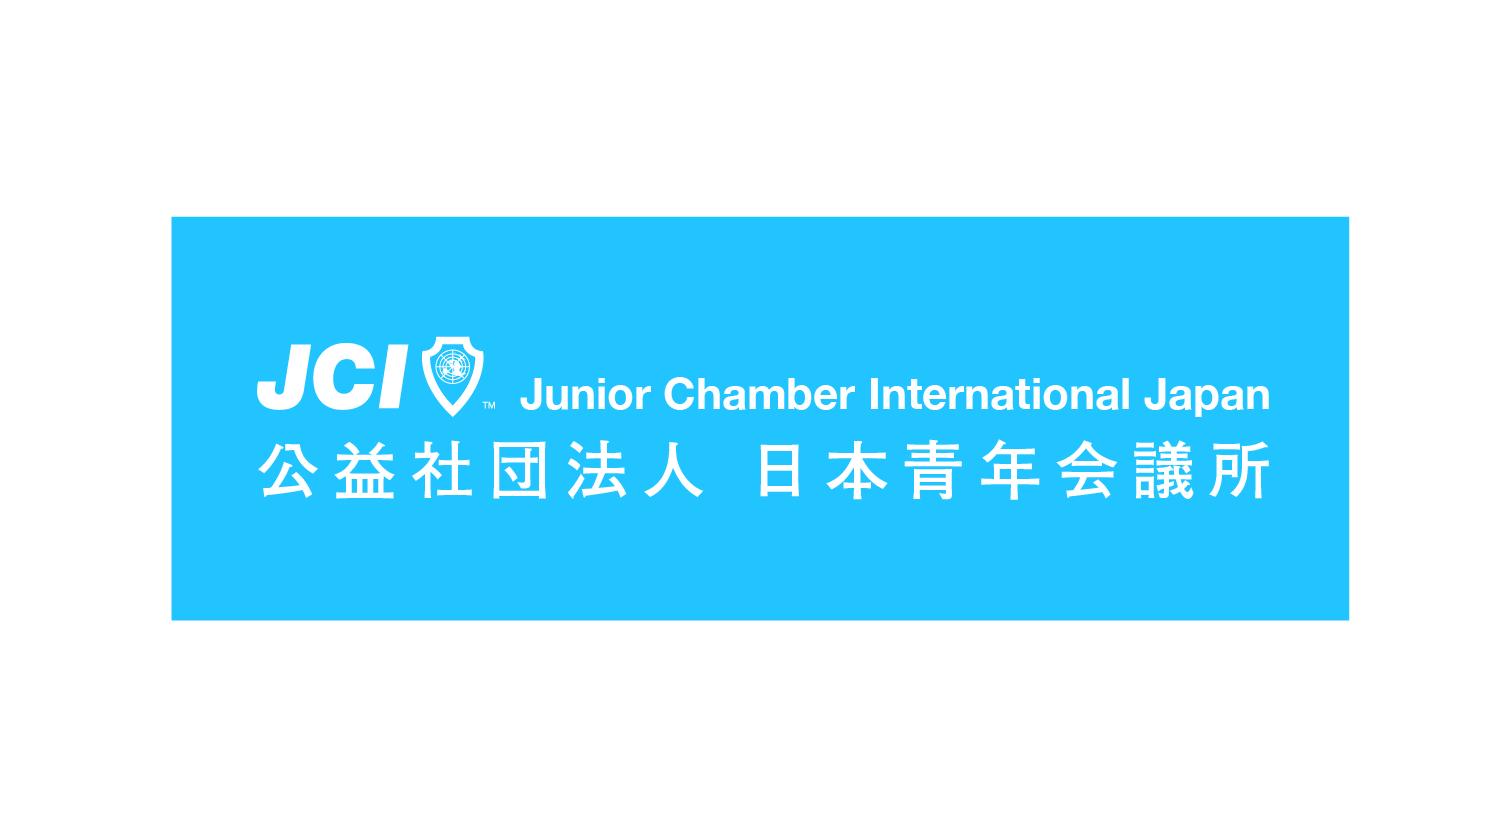 JCI-013青白抜き